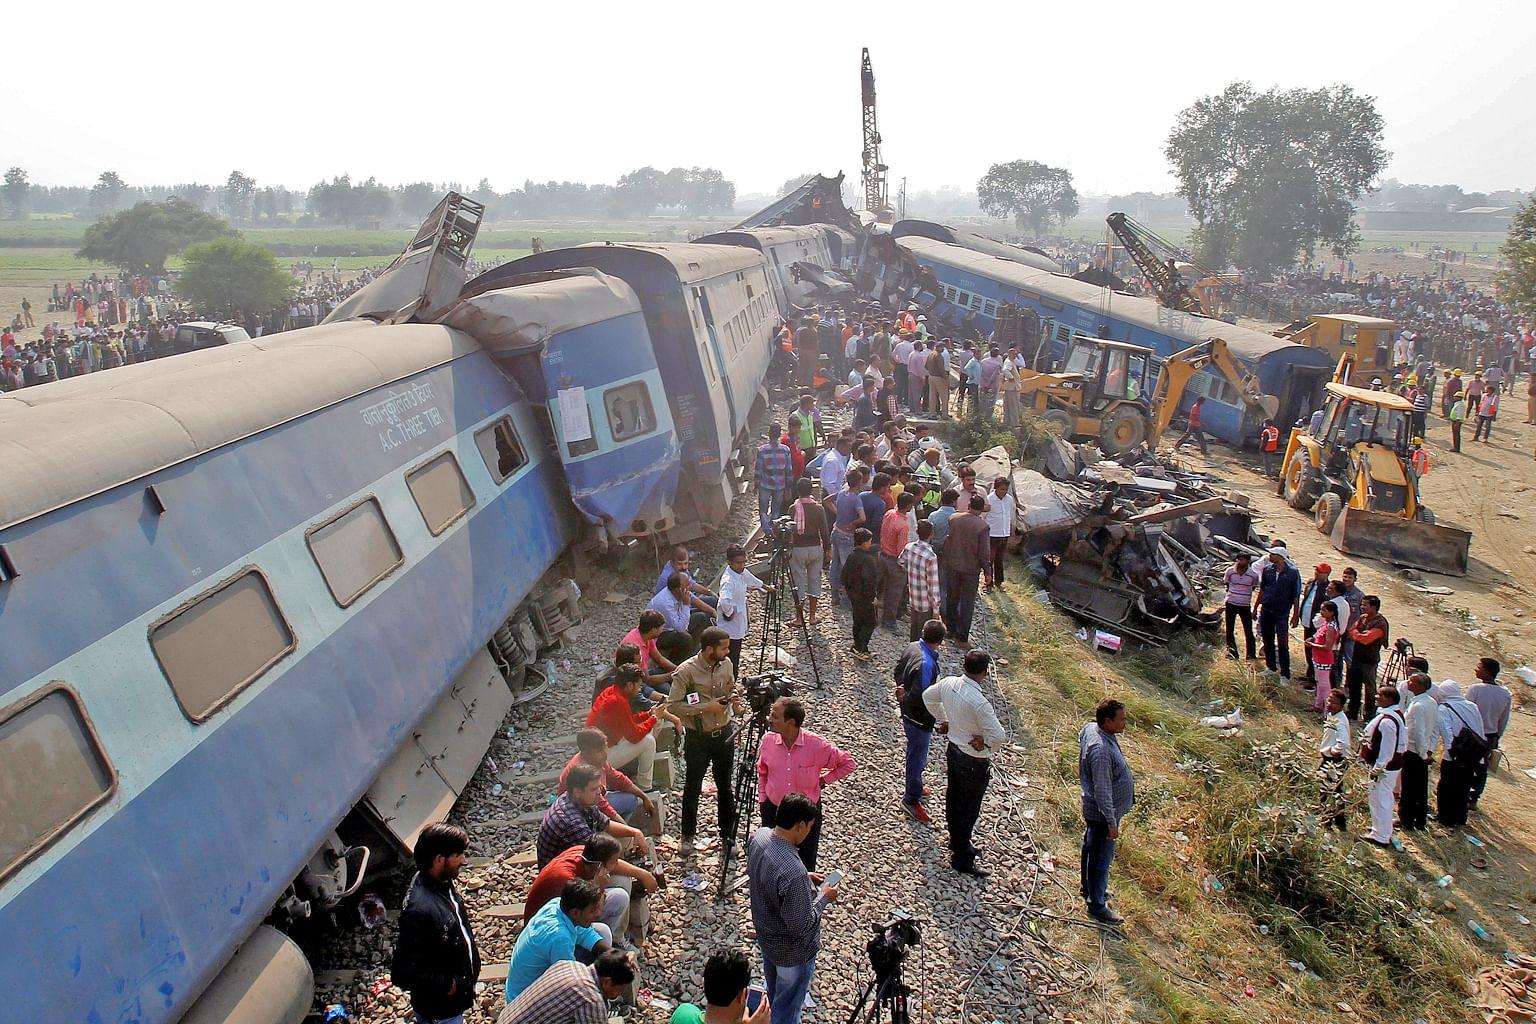 142 terkorban selepas kereta api tergelincir di Uttar Pradesh